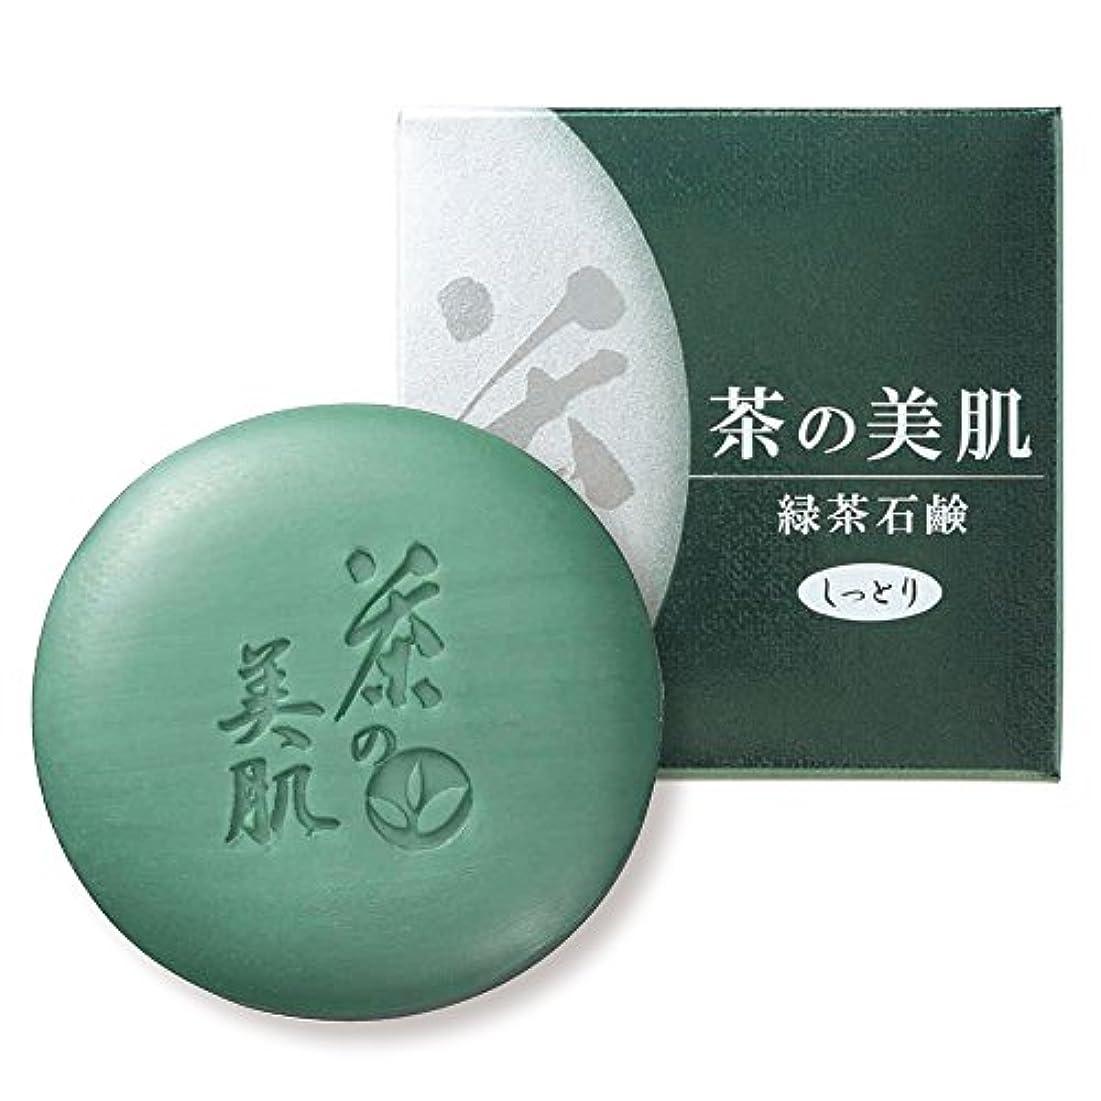 計器会計落ち着いたお茶村 洗顔 茶の美肌 緑茶 石鹸 65g